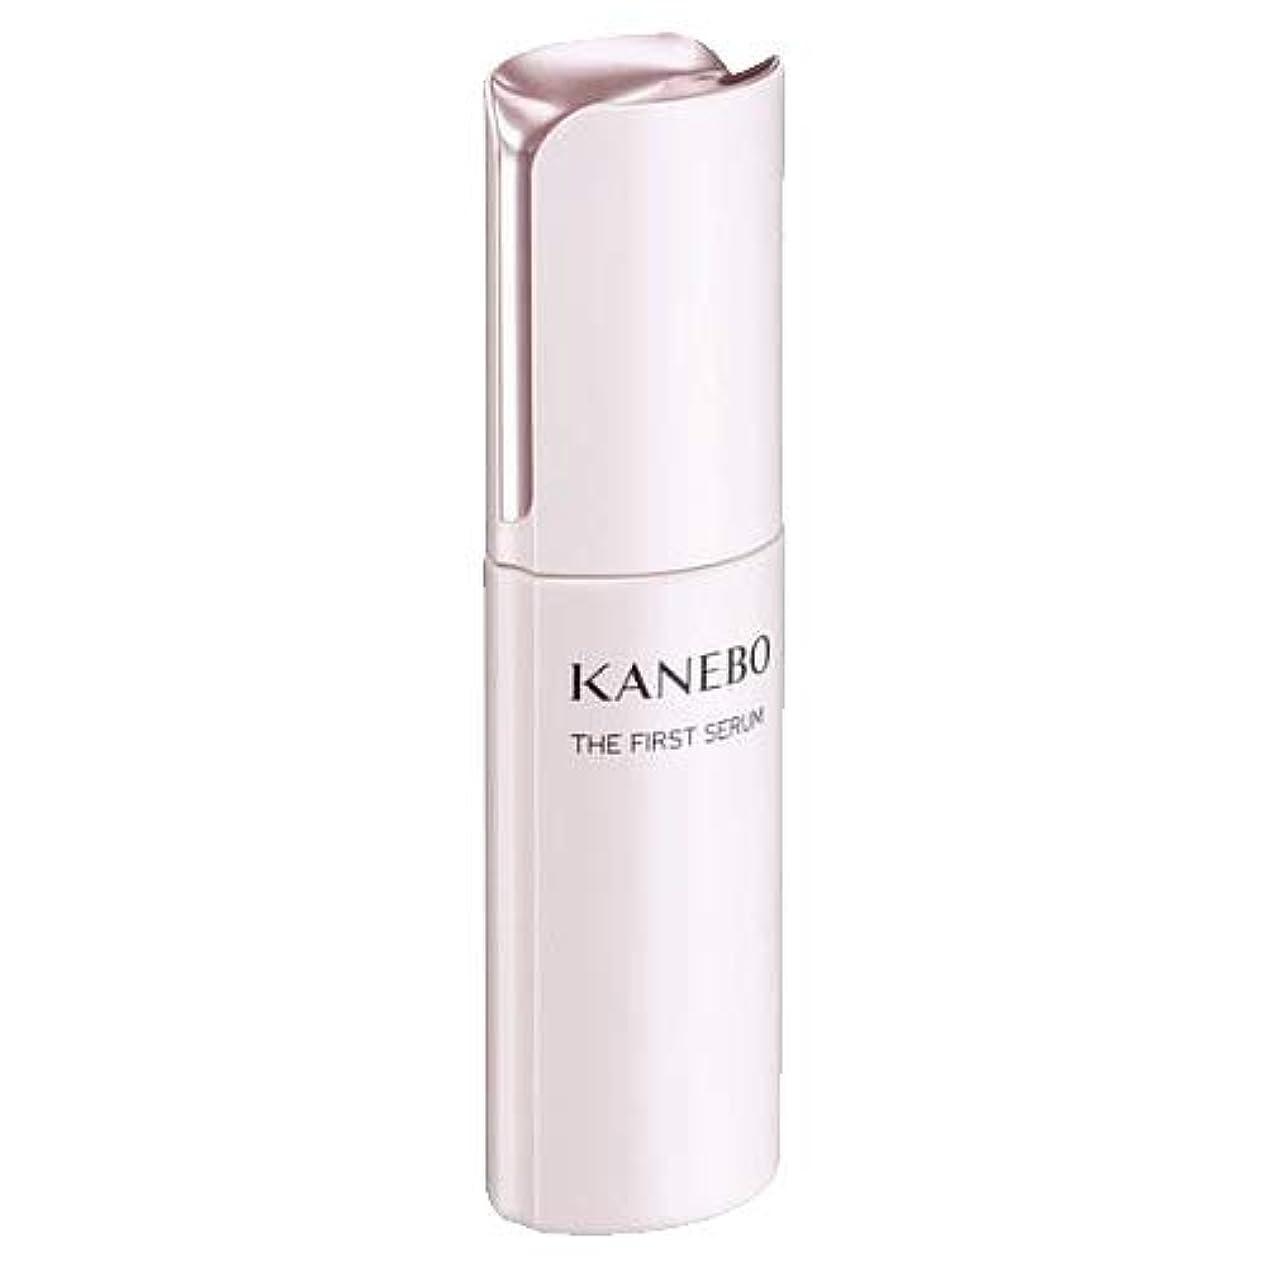 感じ専門化する失われたカネボウ KANEBO 美容液 ザ ファースト セラム 60ml [並行輸入品]